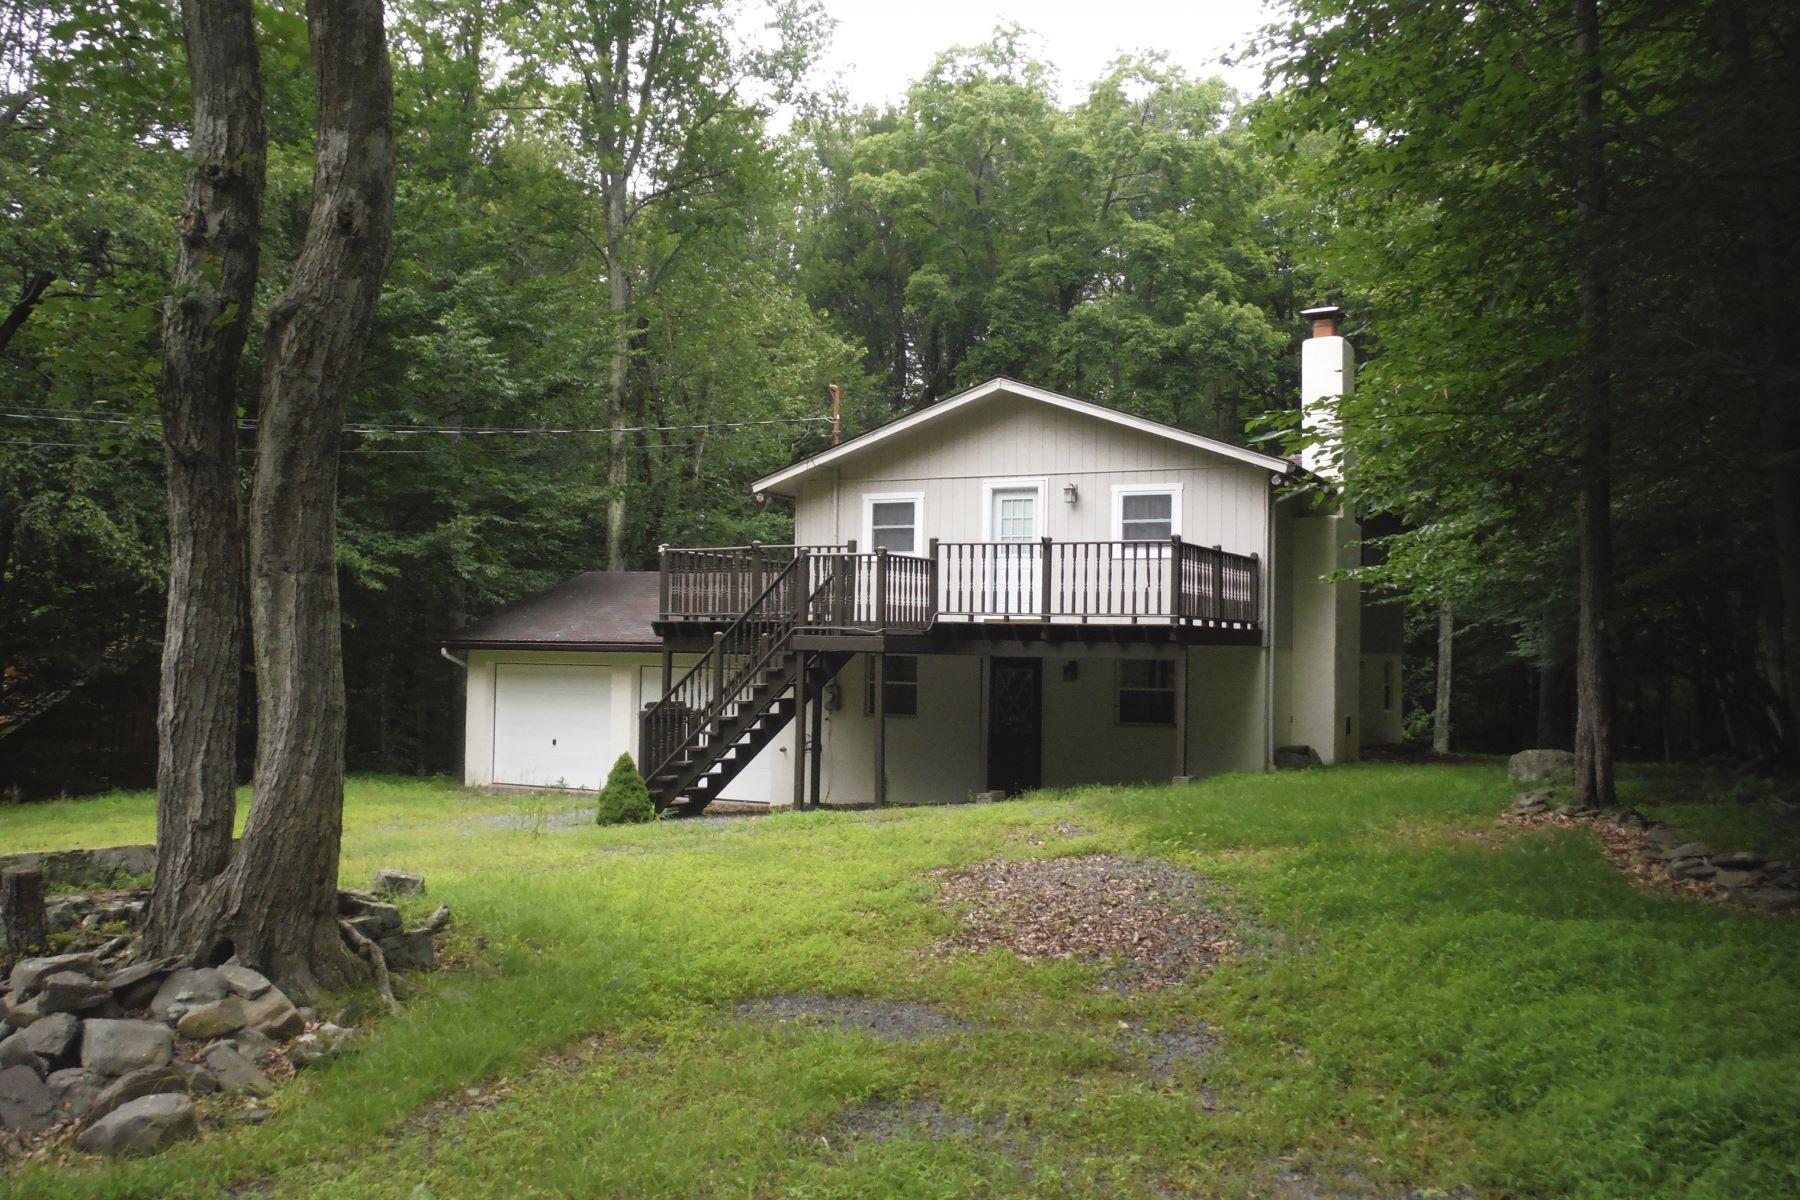 独户住宅 为 销售 在 354 Ridge Rd Pocono Lake, 宾夕法尼亚州, 18347 美国